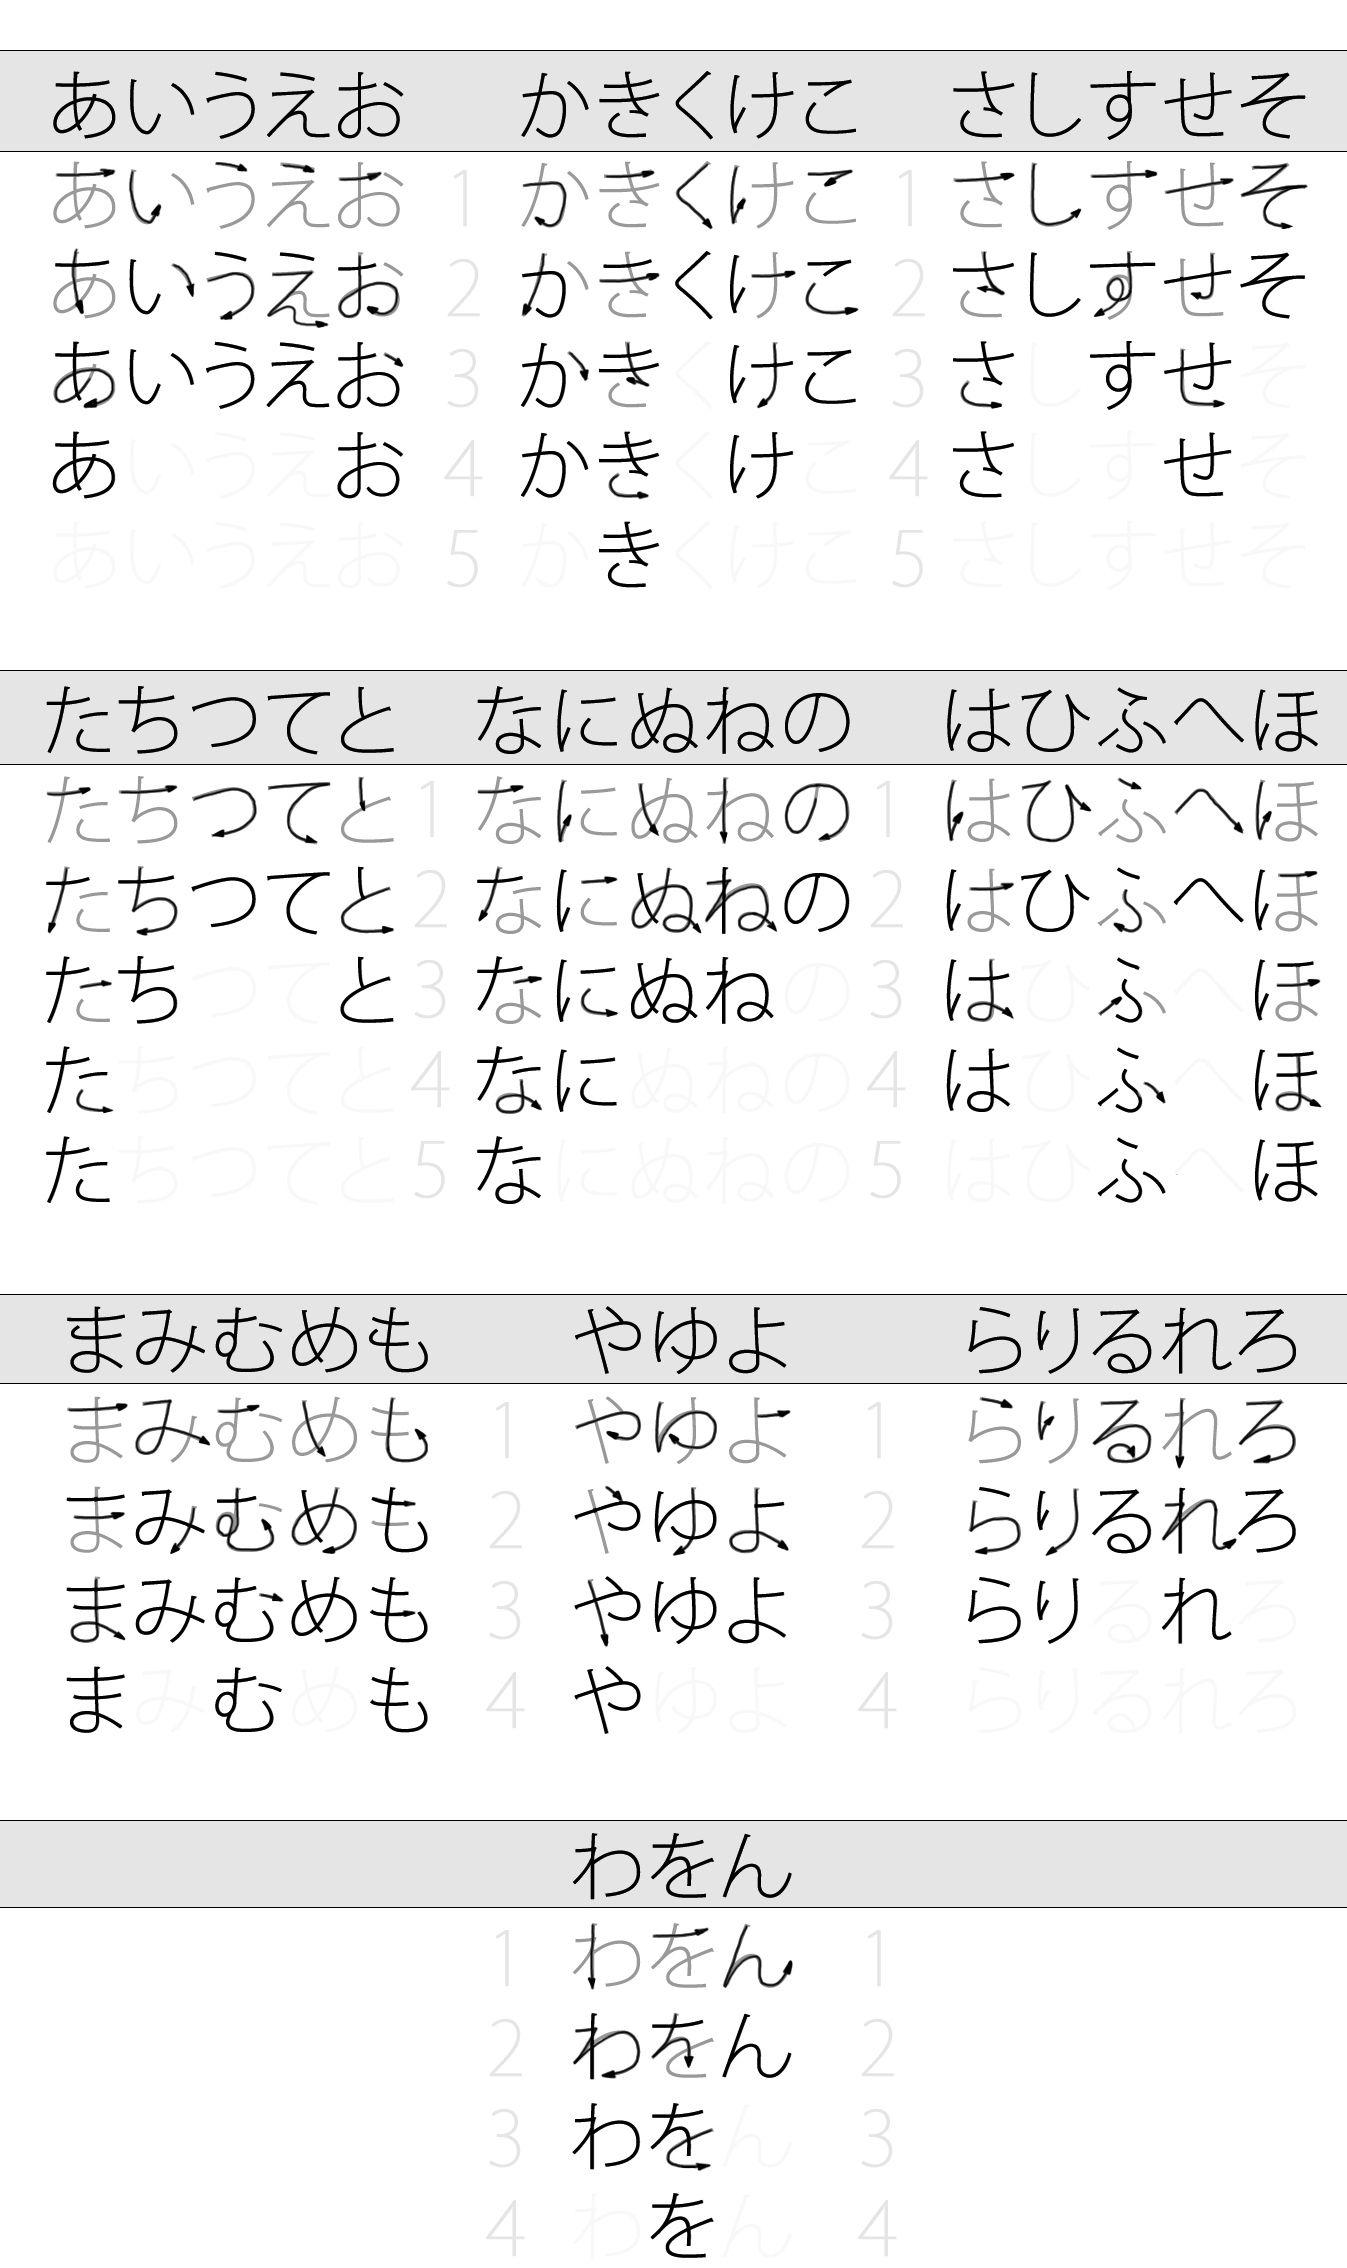 How To Write Hiragana